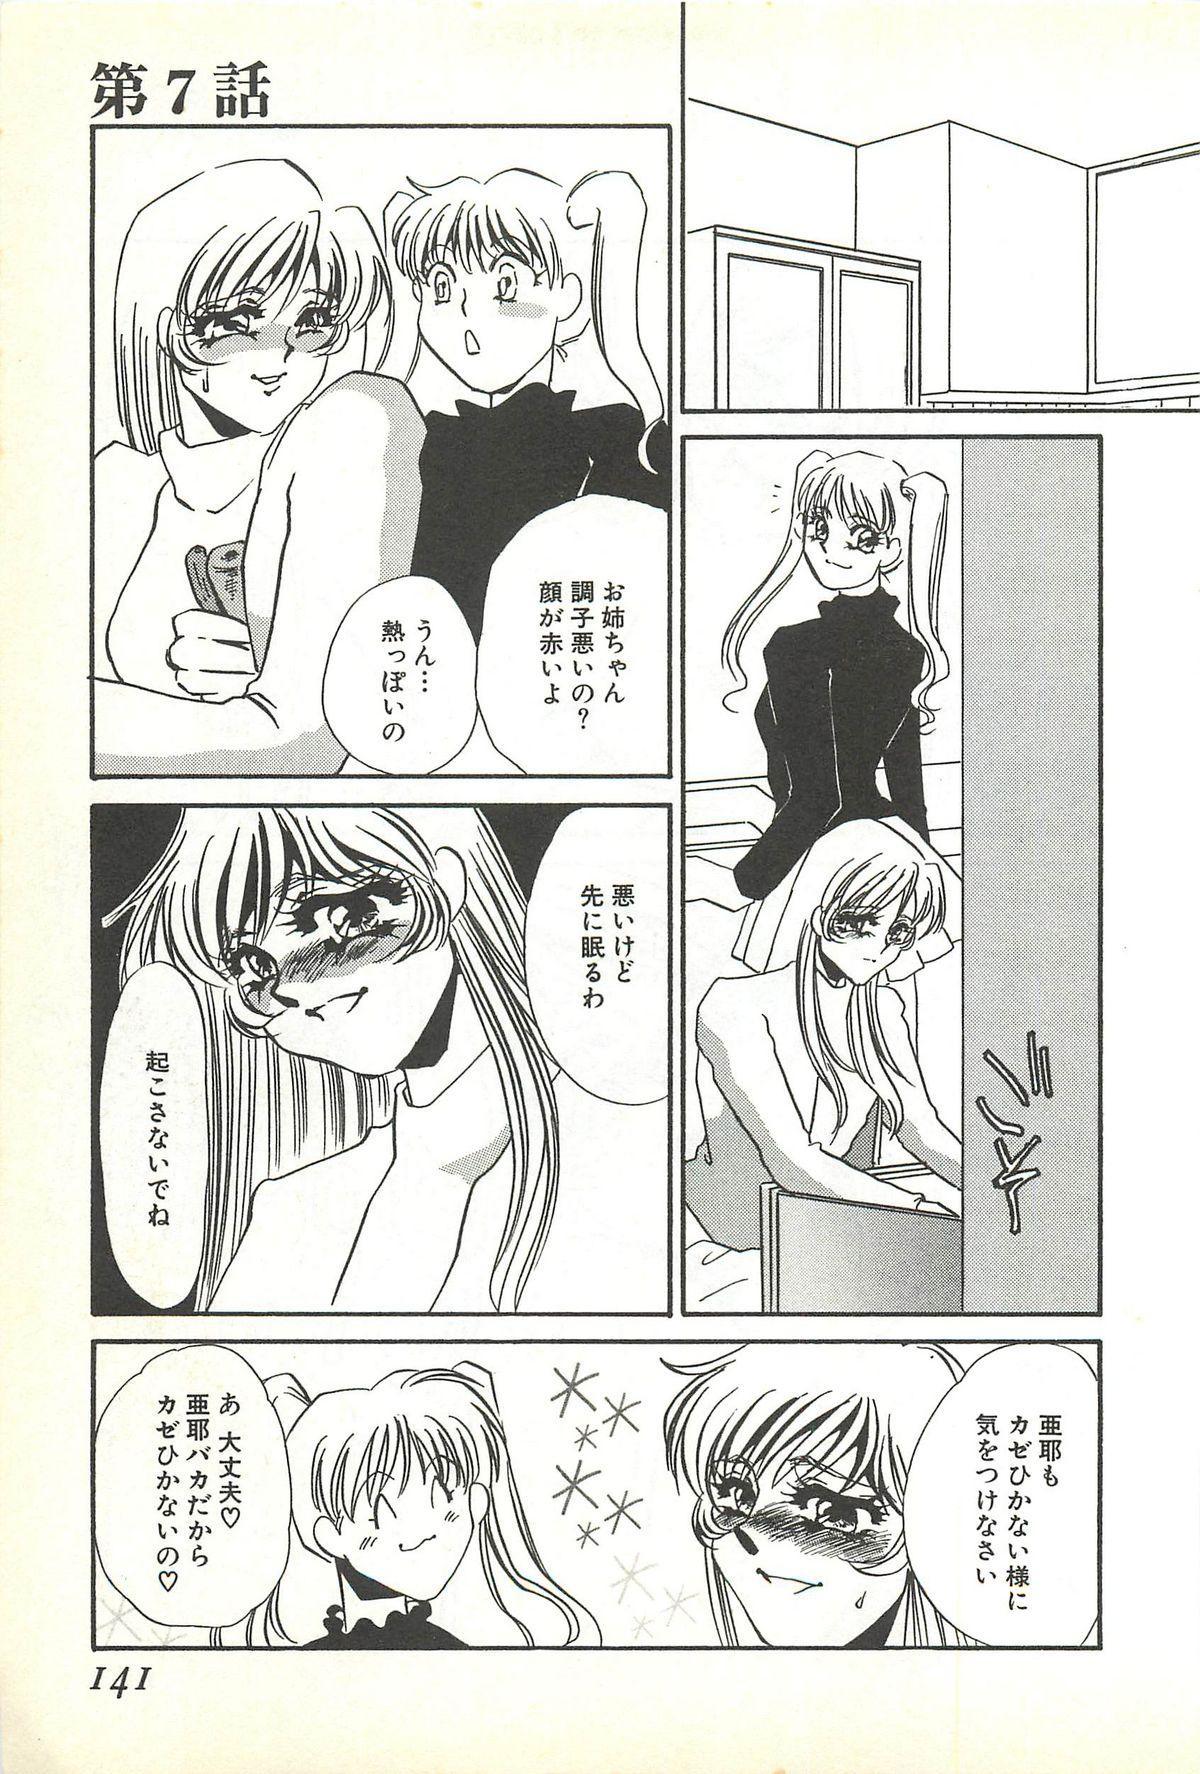 Chigyaku no Heya - A Shameful Punishment Room 136